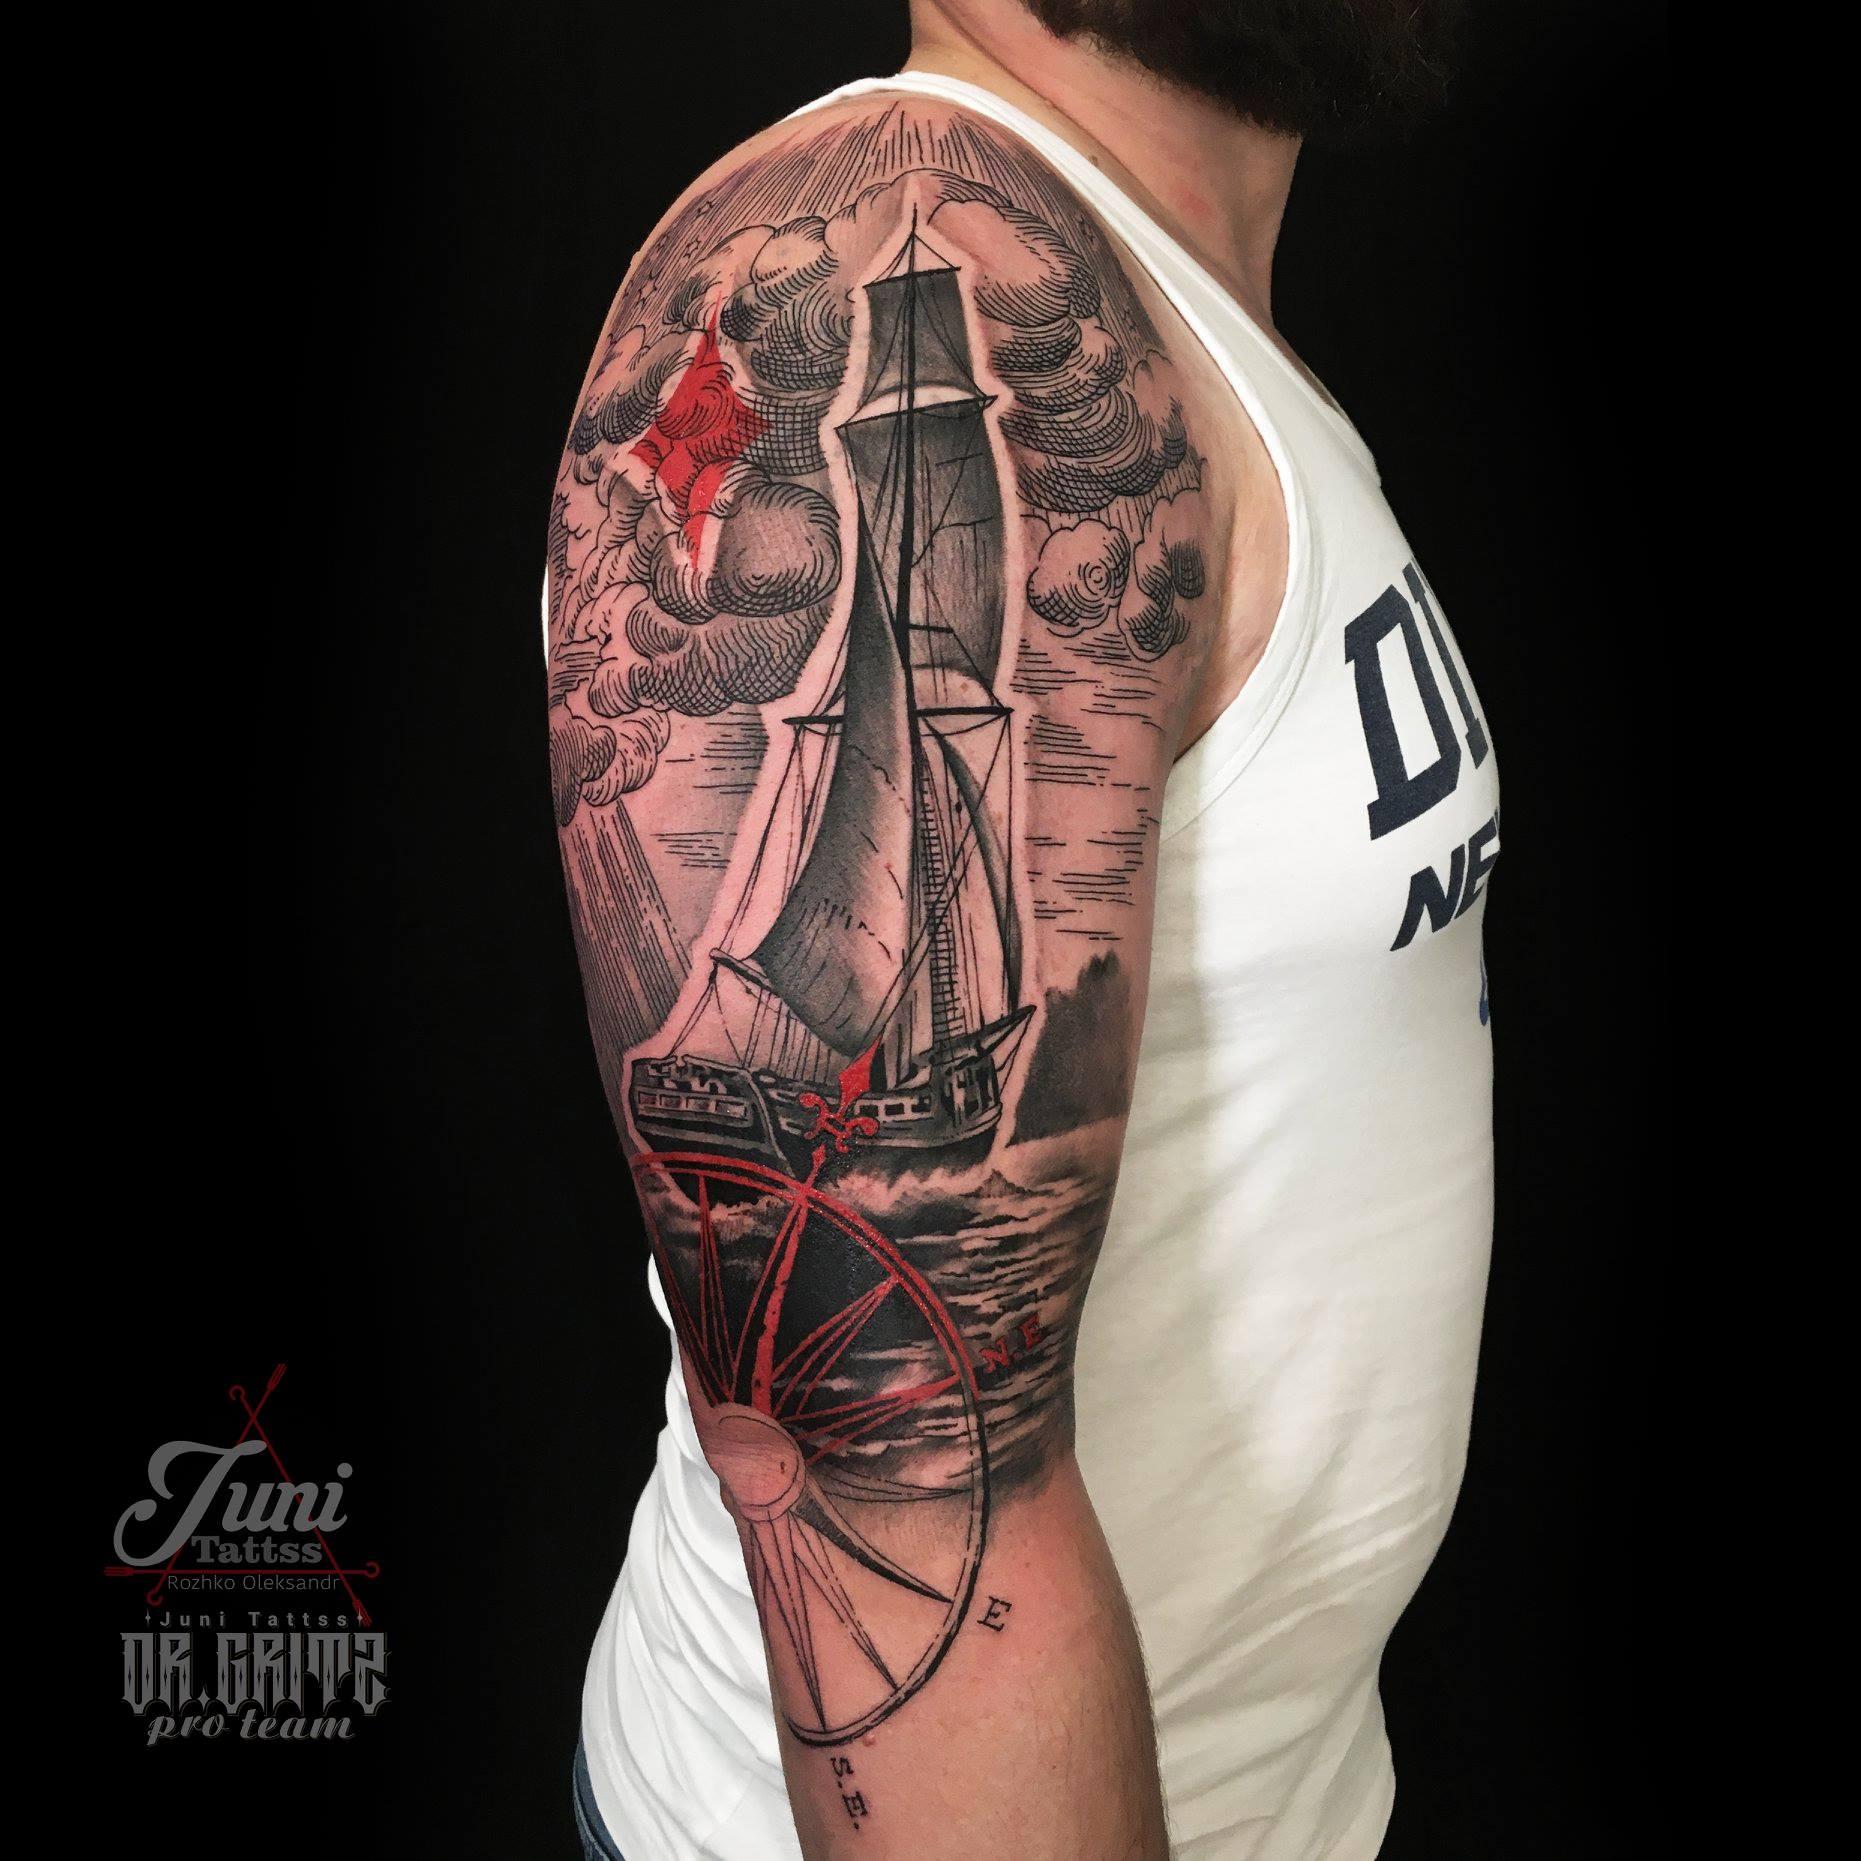 Oleksandr - Juni Tattss inksearch tattoo